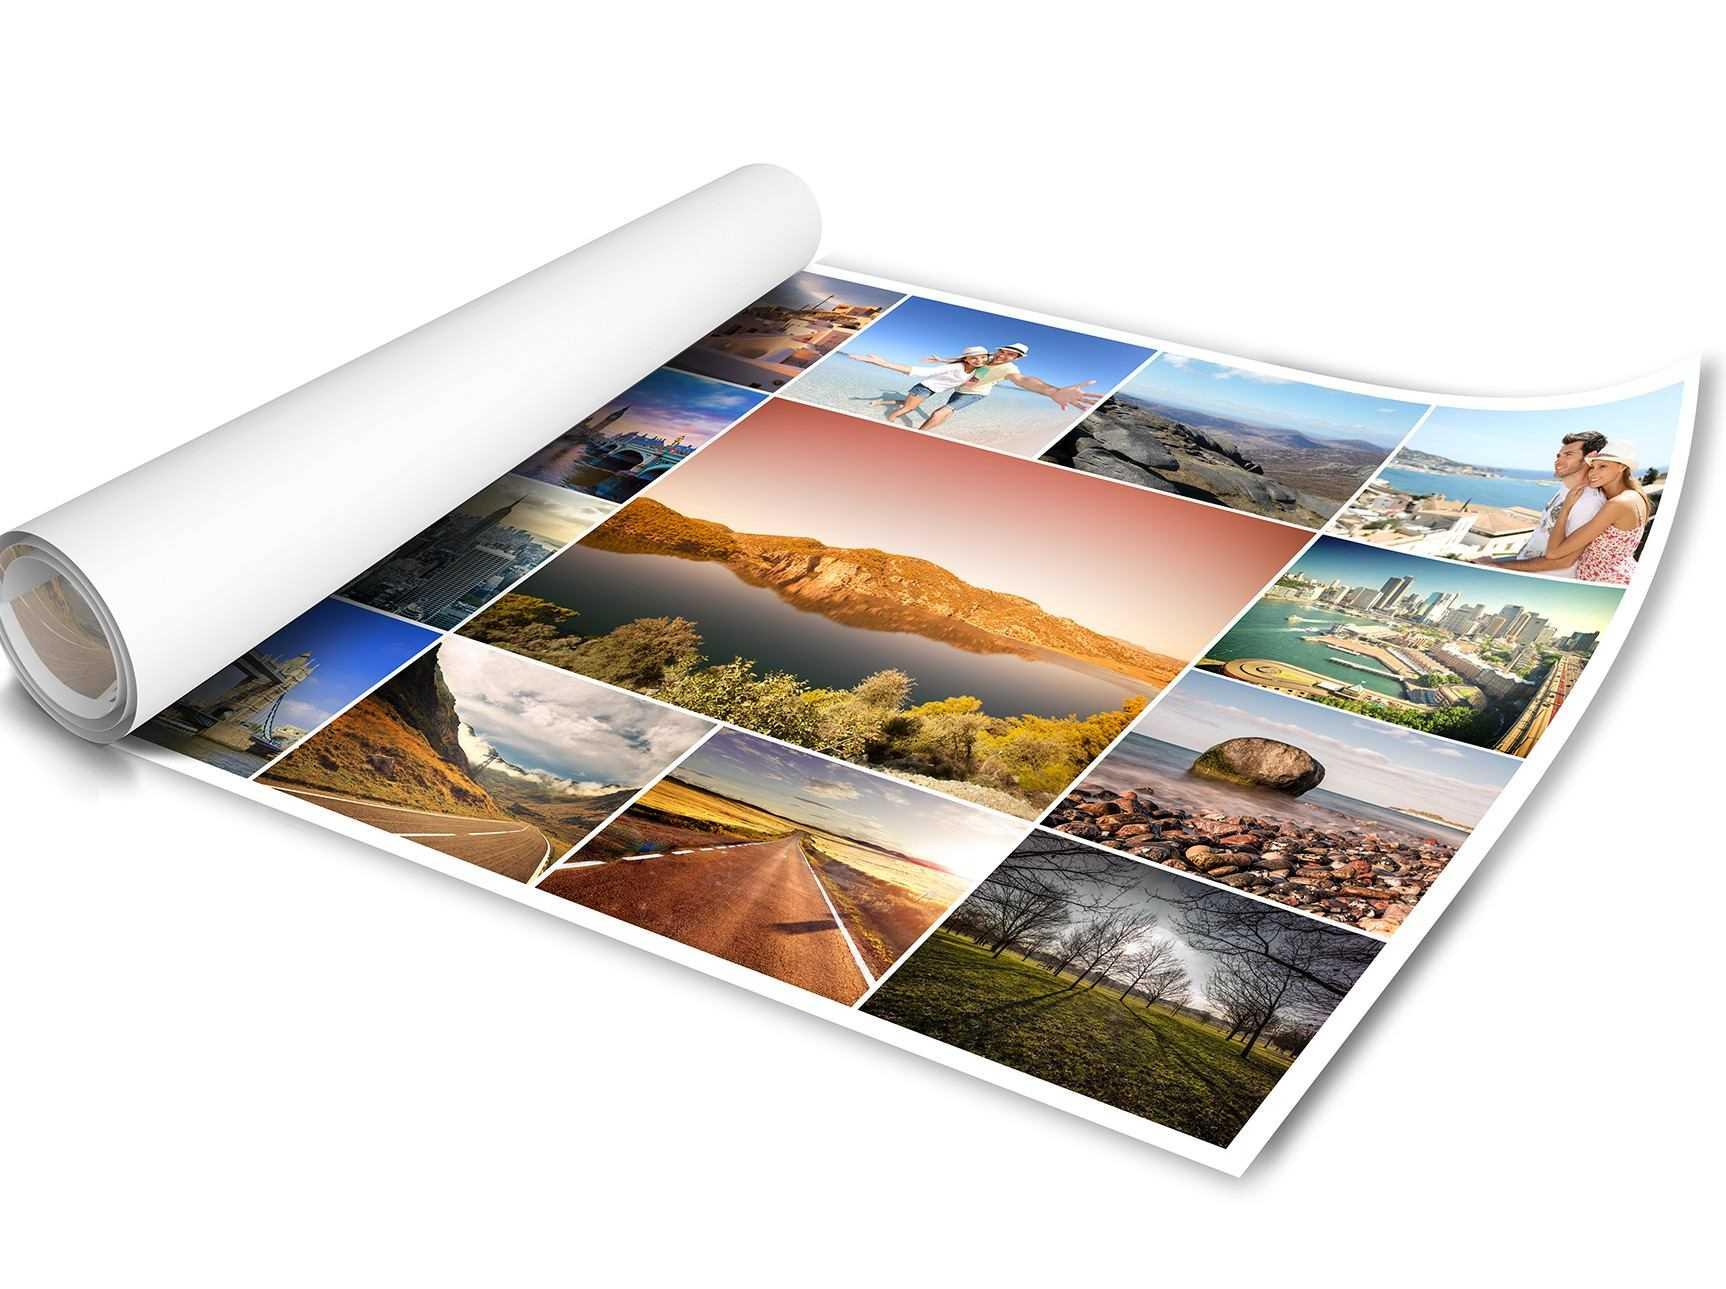 2_658513_1_13268_custom-collage-poster-prints-a1AfJqTgaXB8QyLREV.jpg.png